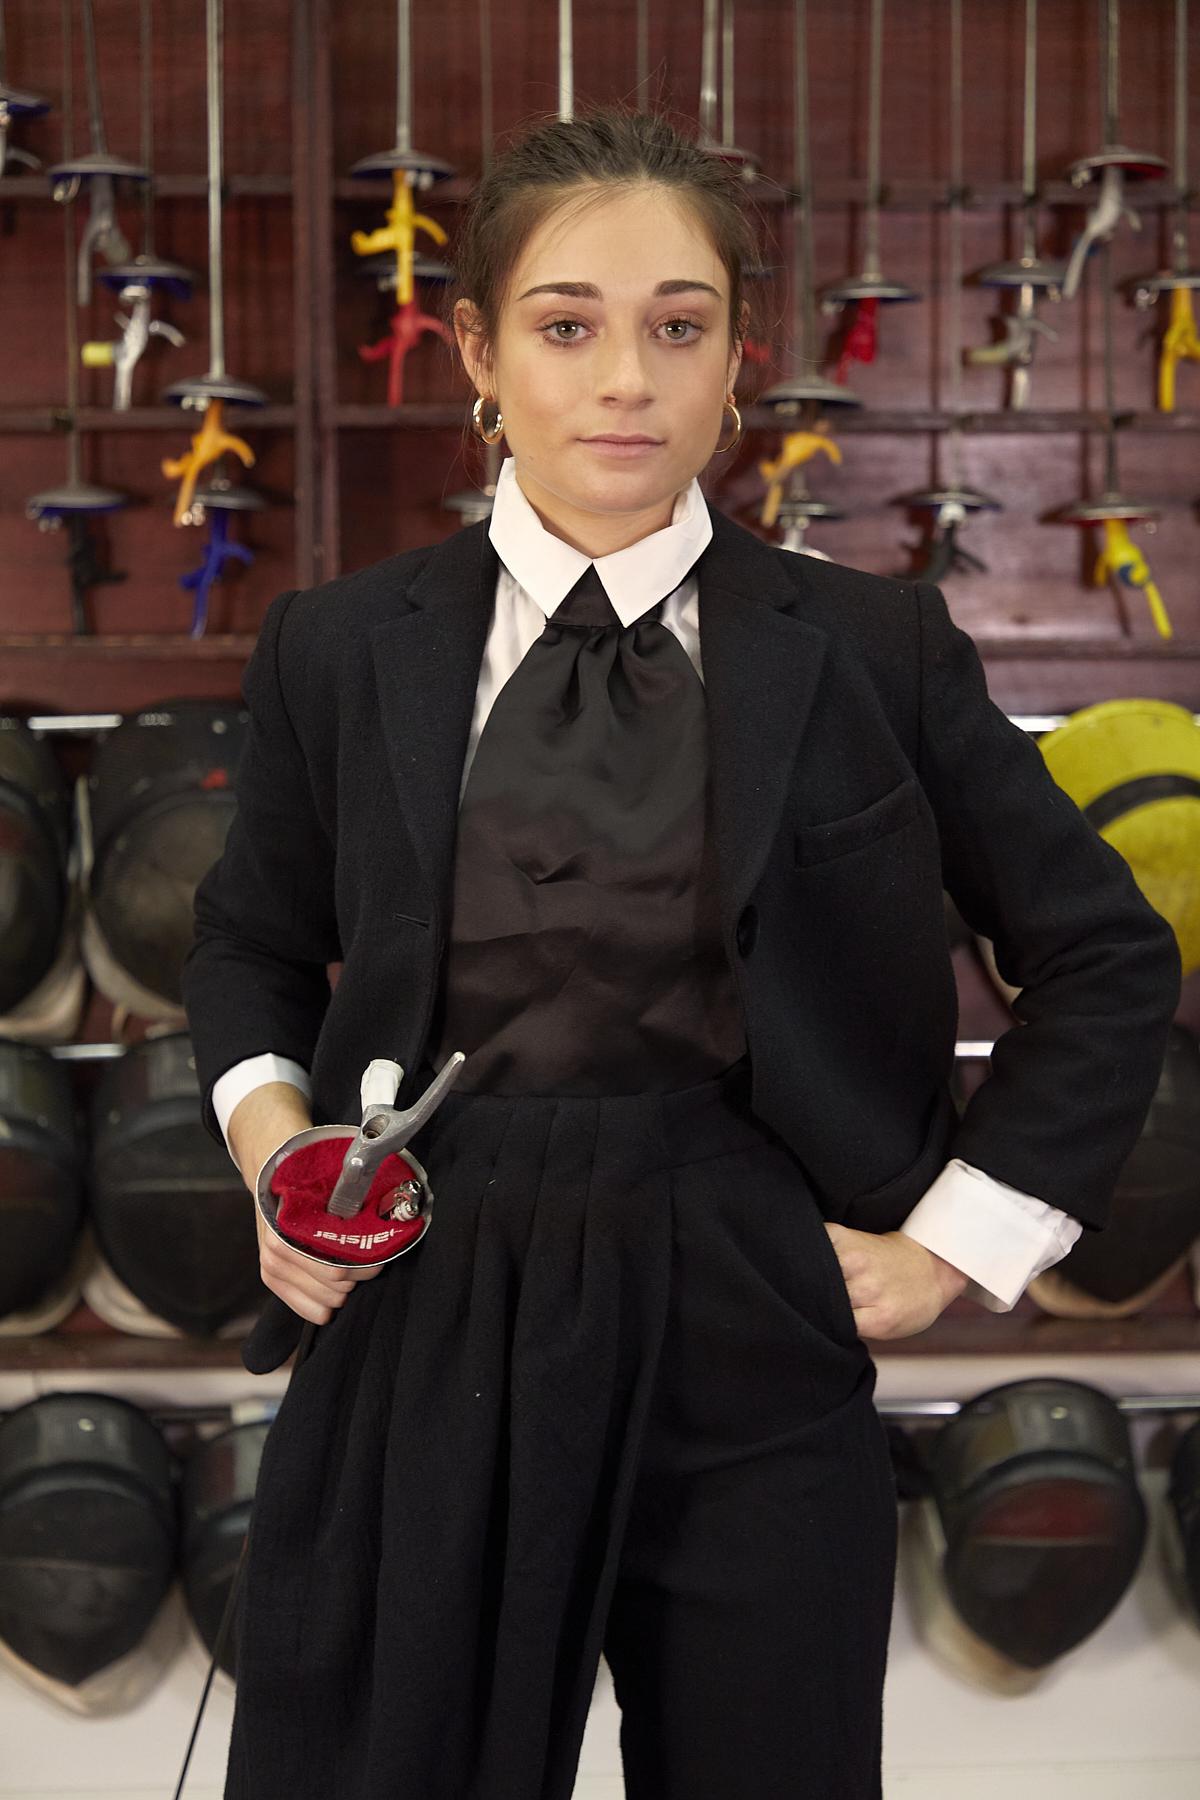 Teresa viste chaqueta, corbata y pantalón de EMPORIO ARMANI  y camisa blanca de SCALPERS. Durante la entrevista, lleva mono de Scalpers y zapatillas Veja.